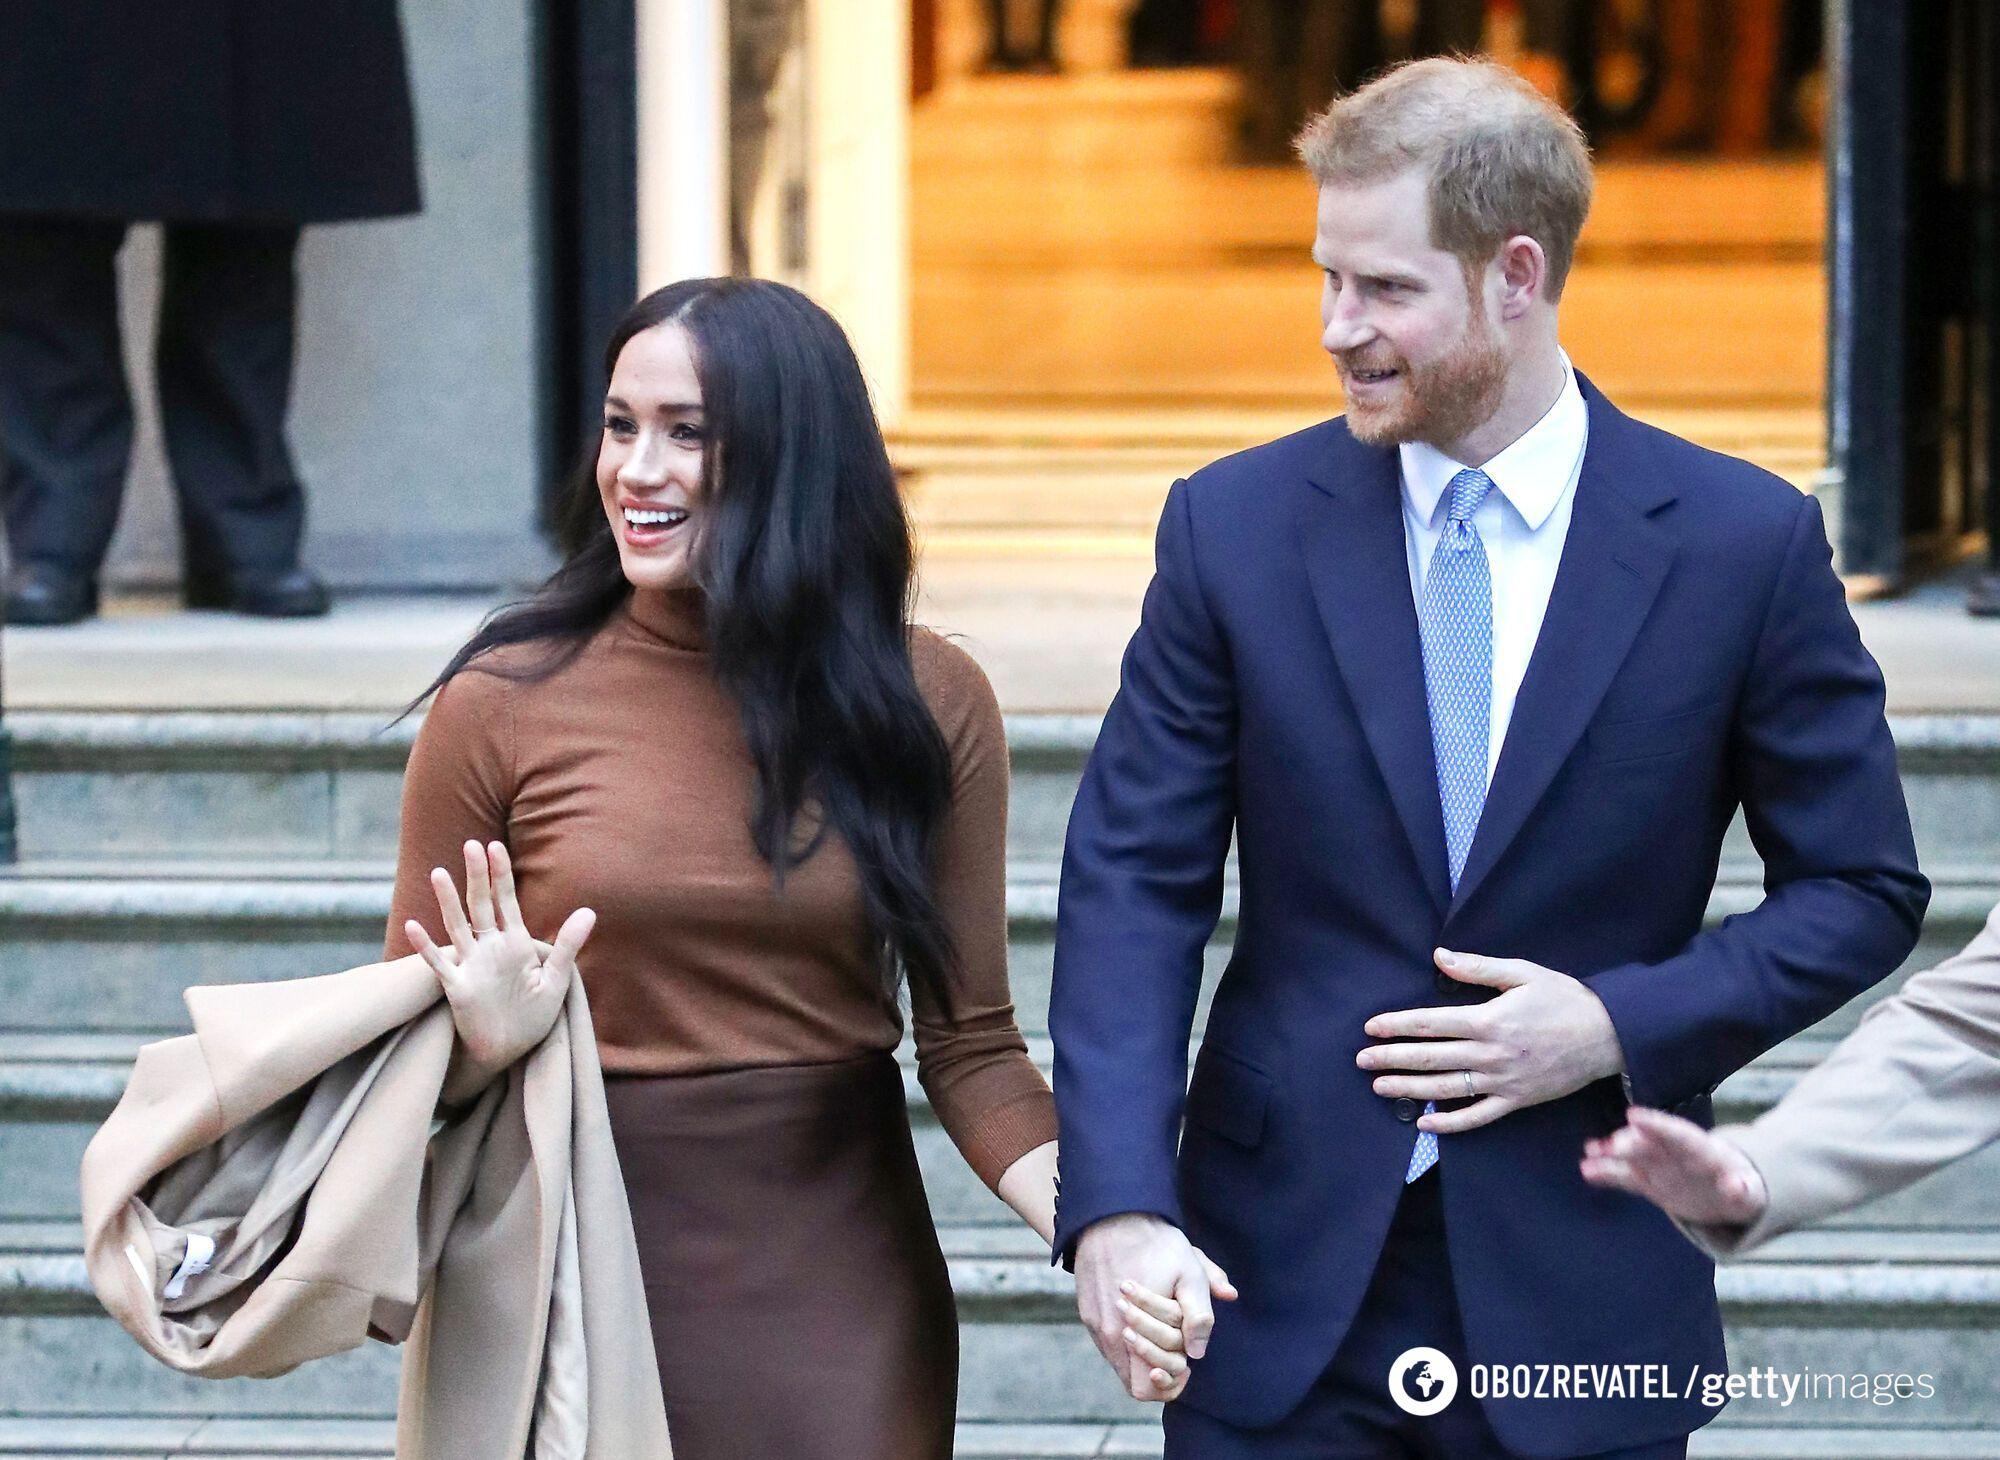 Принц Гаррі на публіці разом зі своєю дружиною Меган Маркл